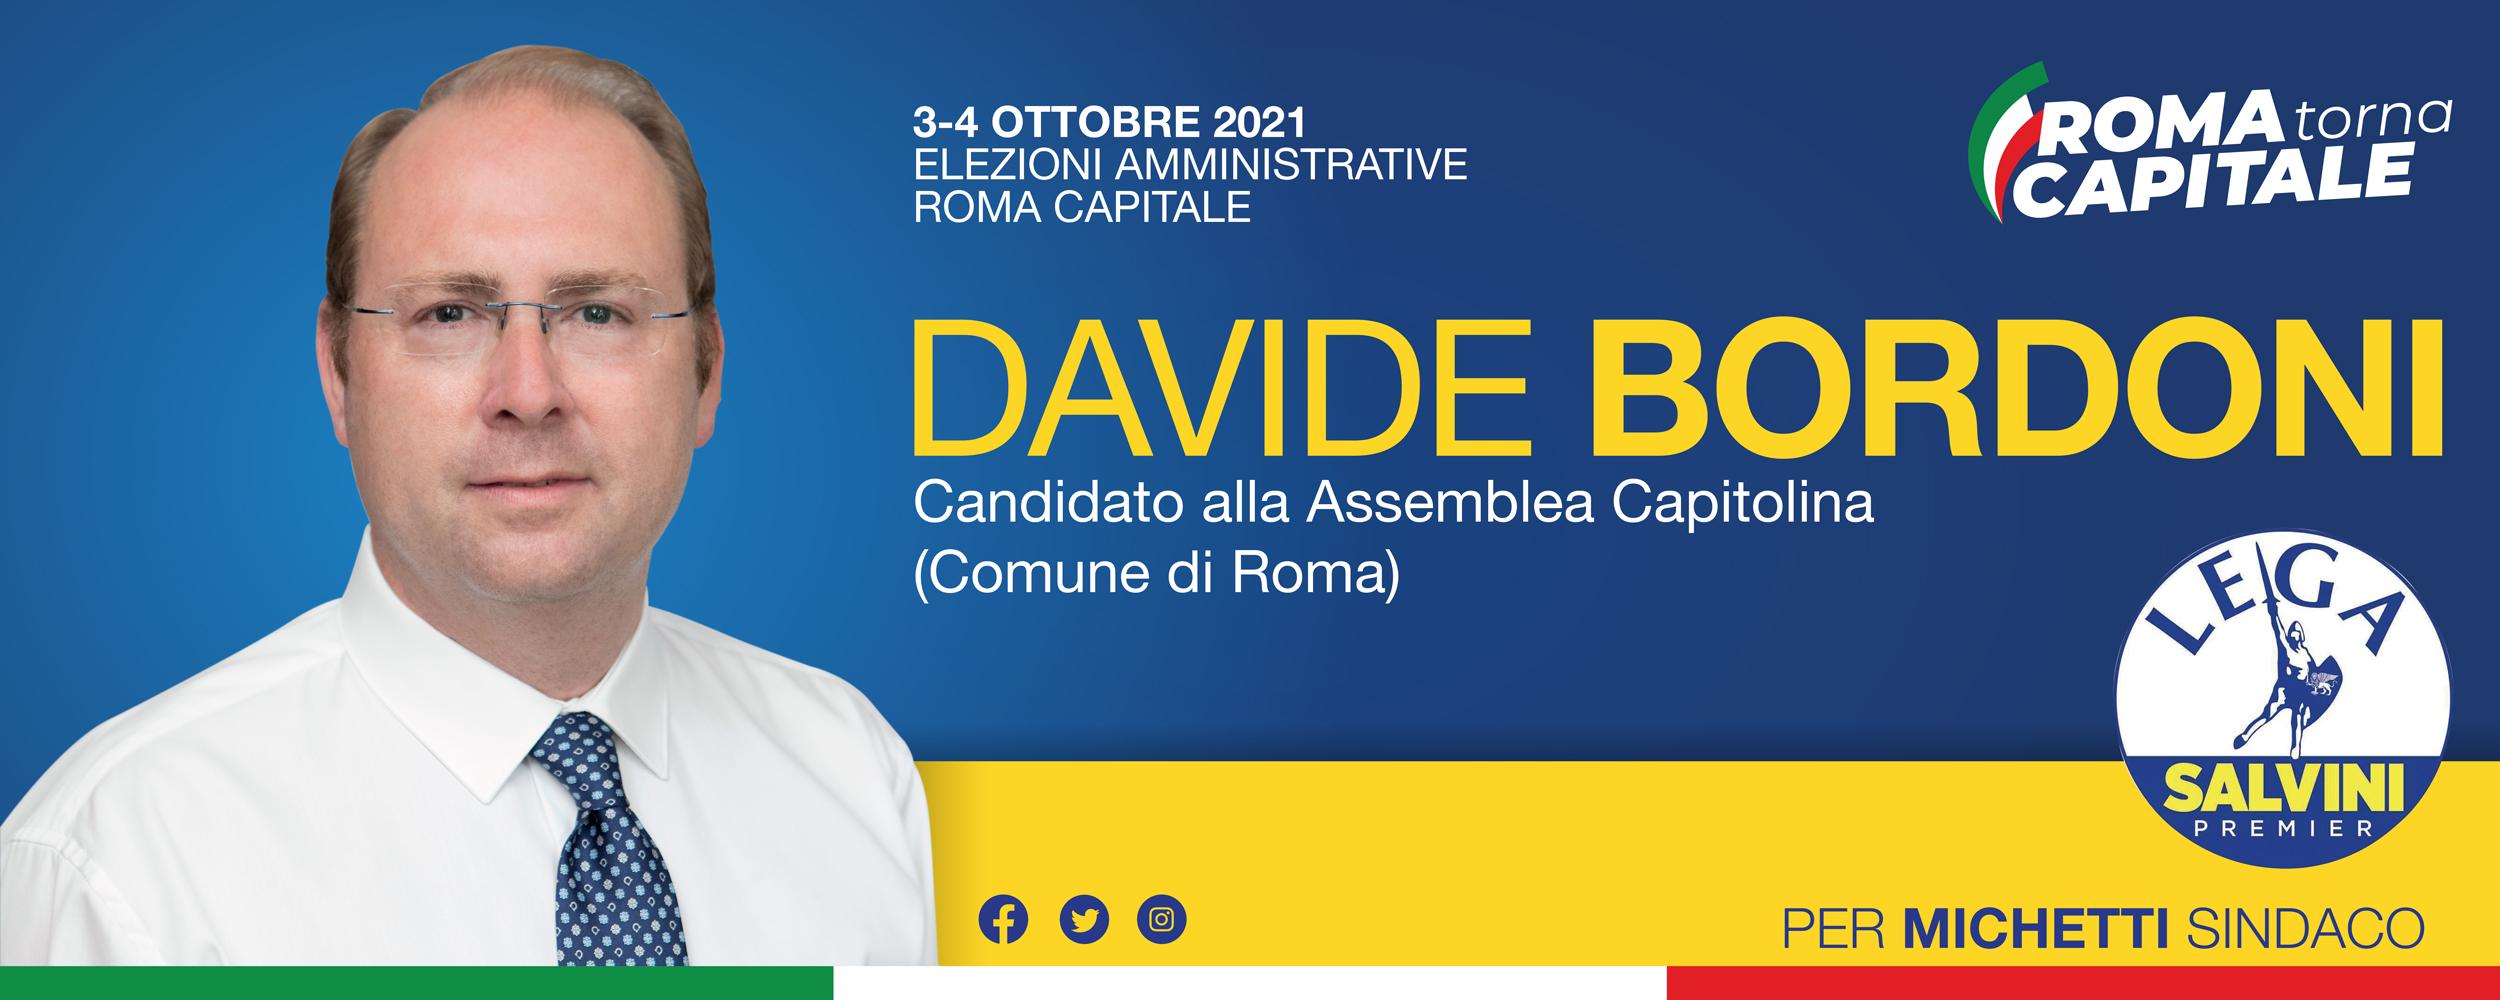 Davide Bordoni - Elezioni Amministrative